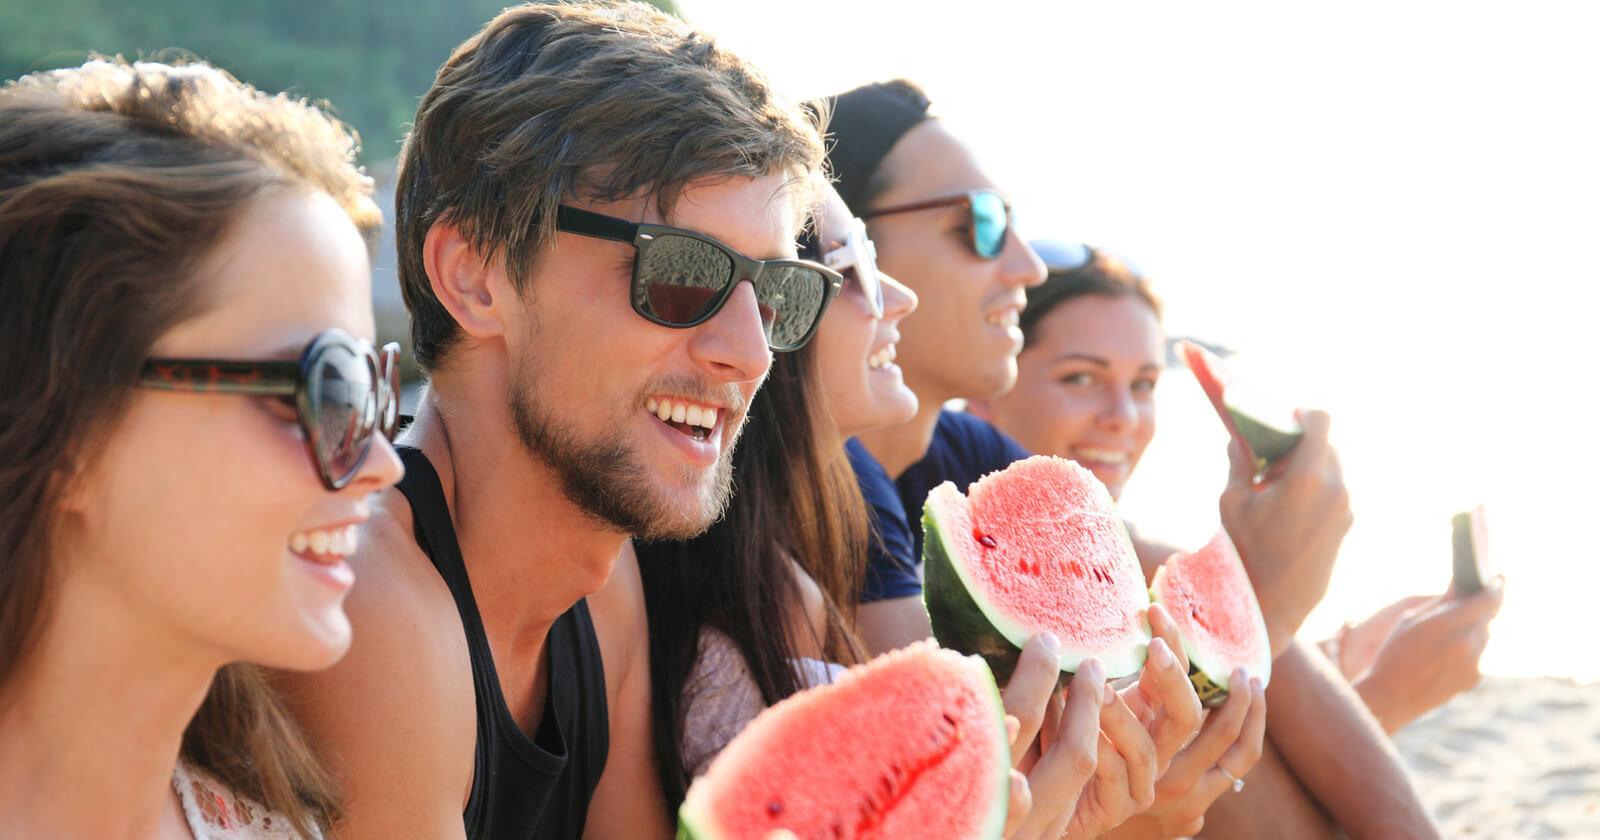 Gruppe von Freunden genießt am Strand eine Melone: Dank Talcid® Kautabletten müssen sie keine Angst vor Sodbrennen und Co. haben.